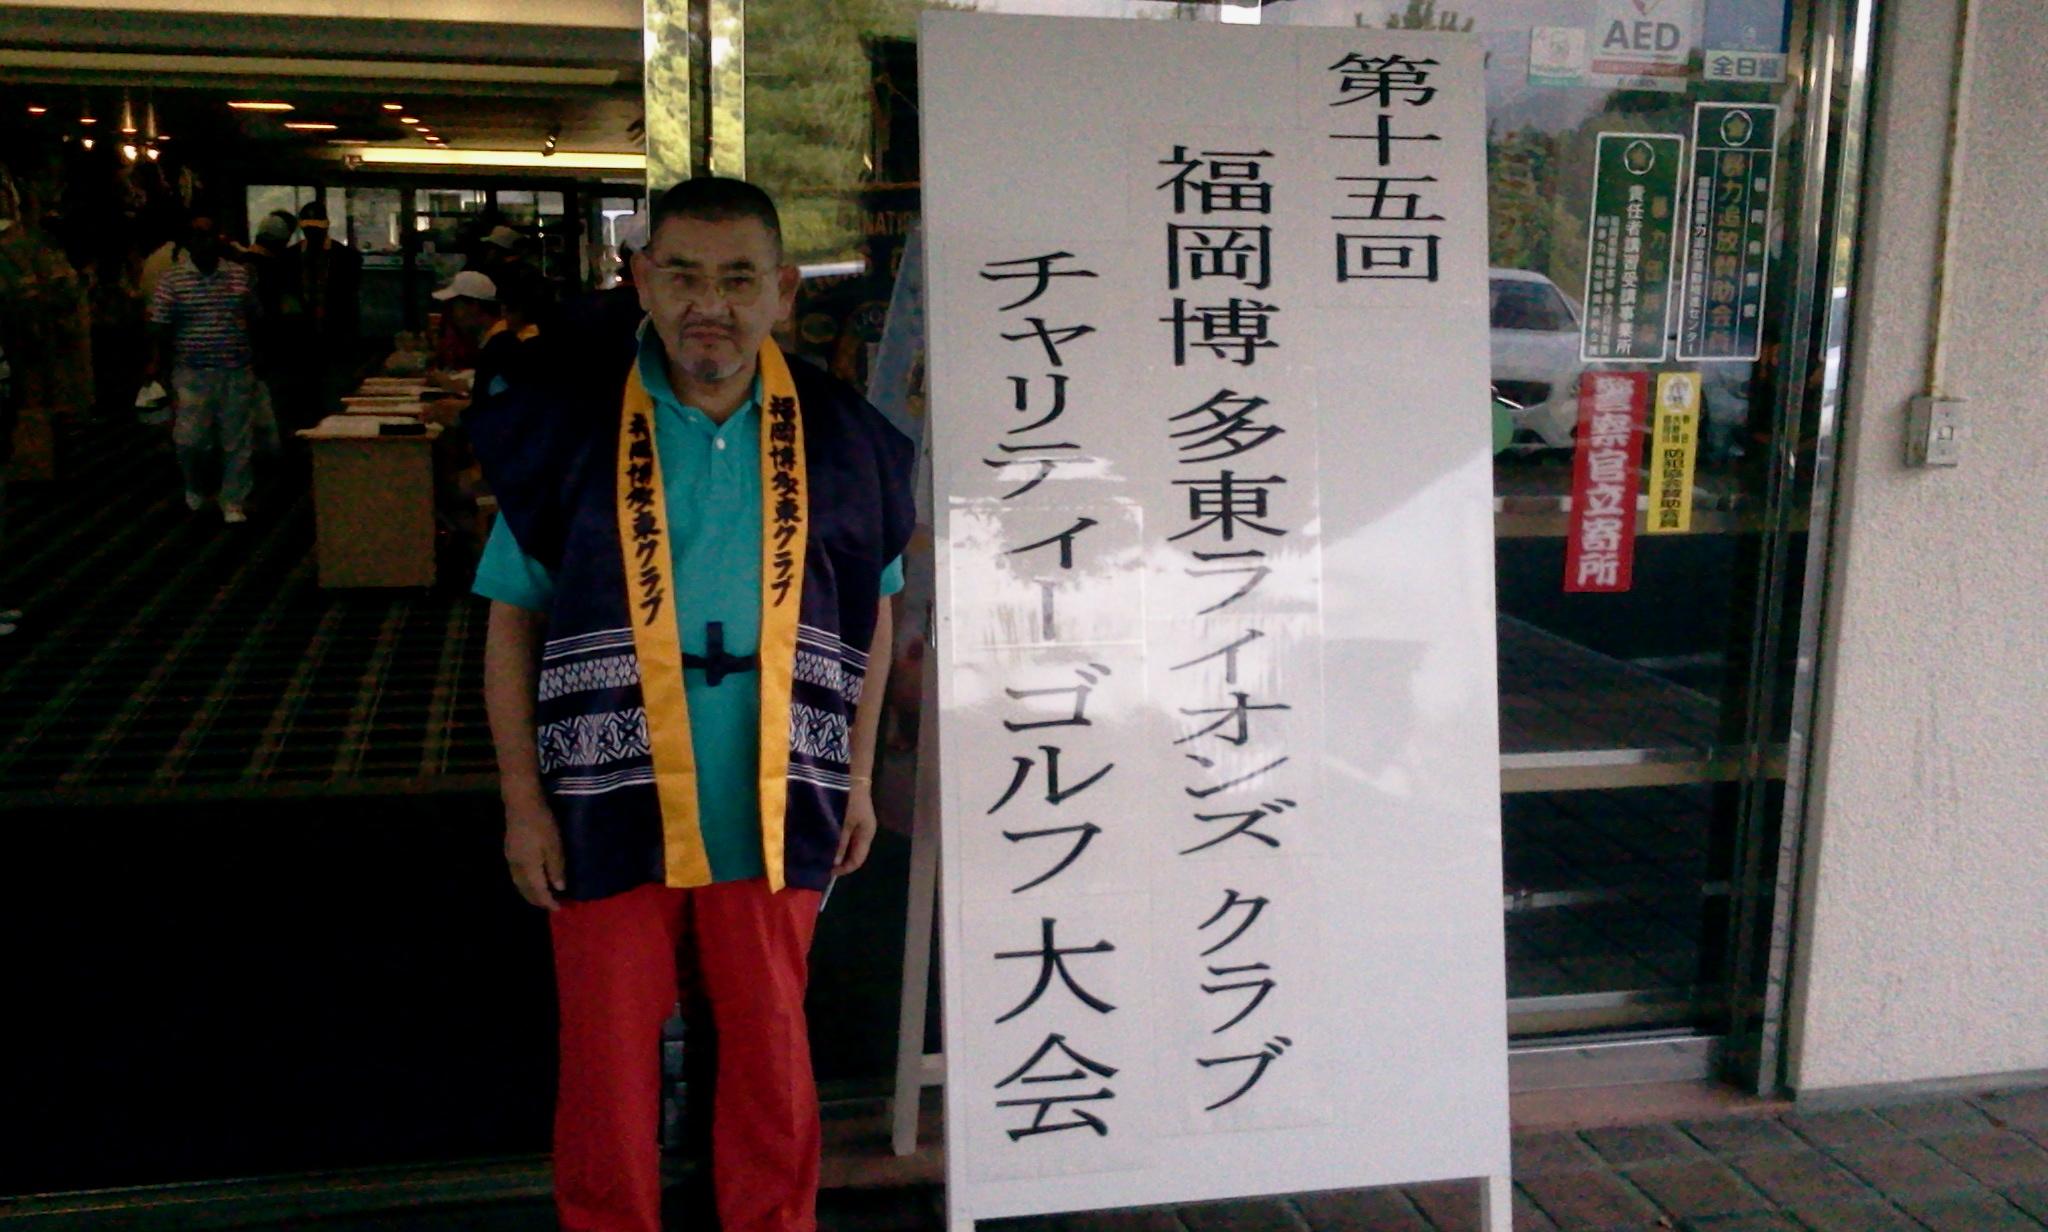 福岡博多東ライオンズクラブ福岡博多東ライオンズクラブ主催 第15回チャリティーゴルフ大会を実施しました。